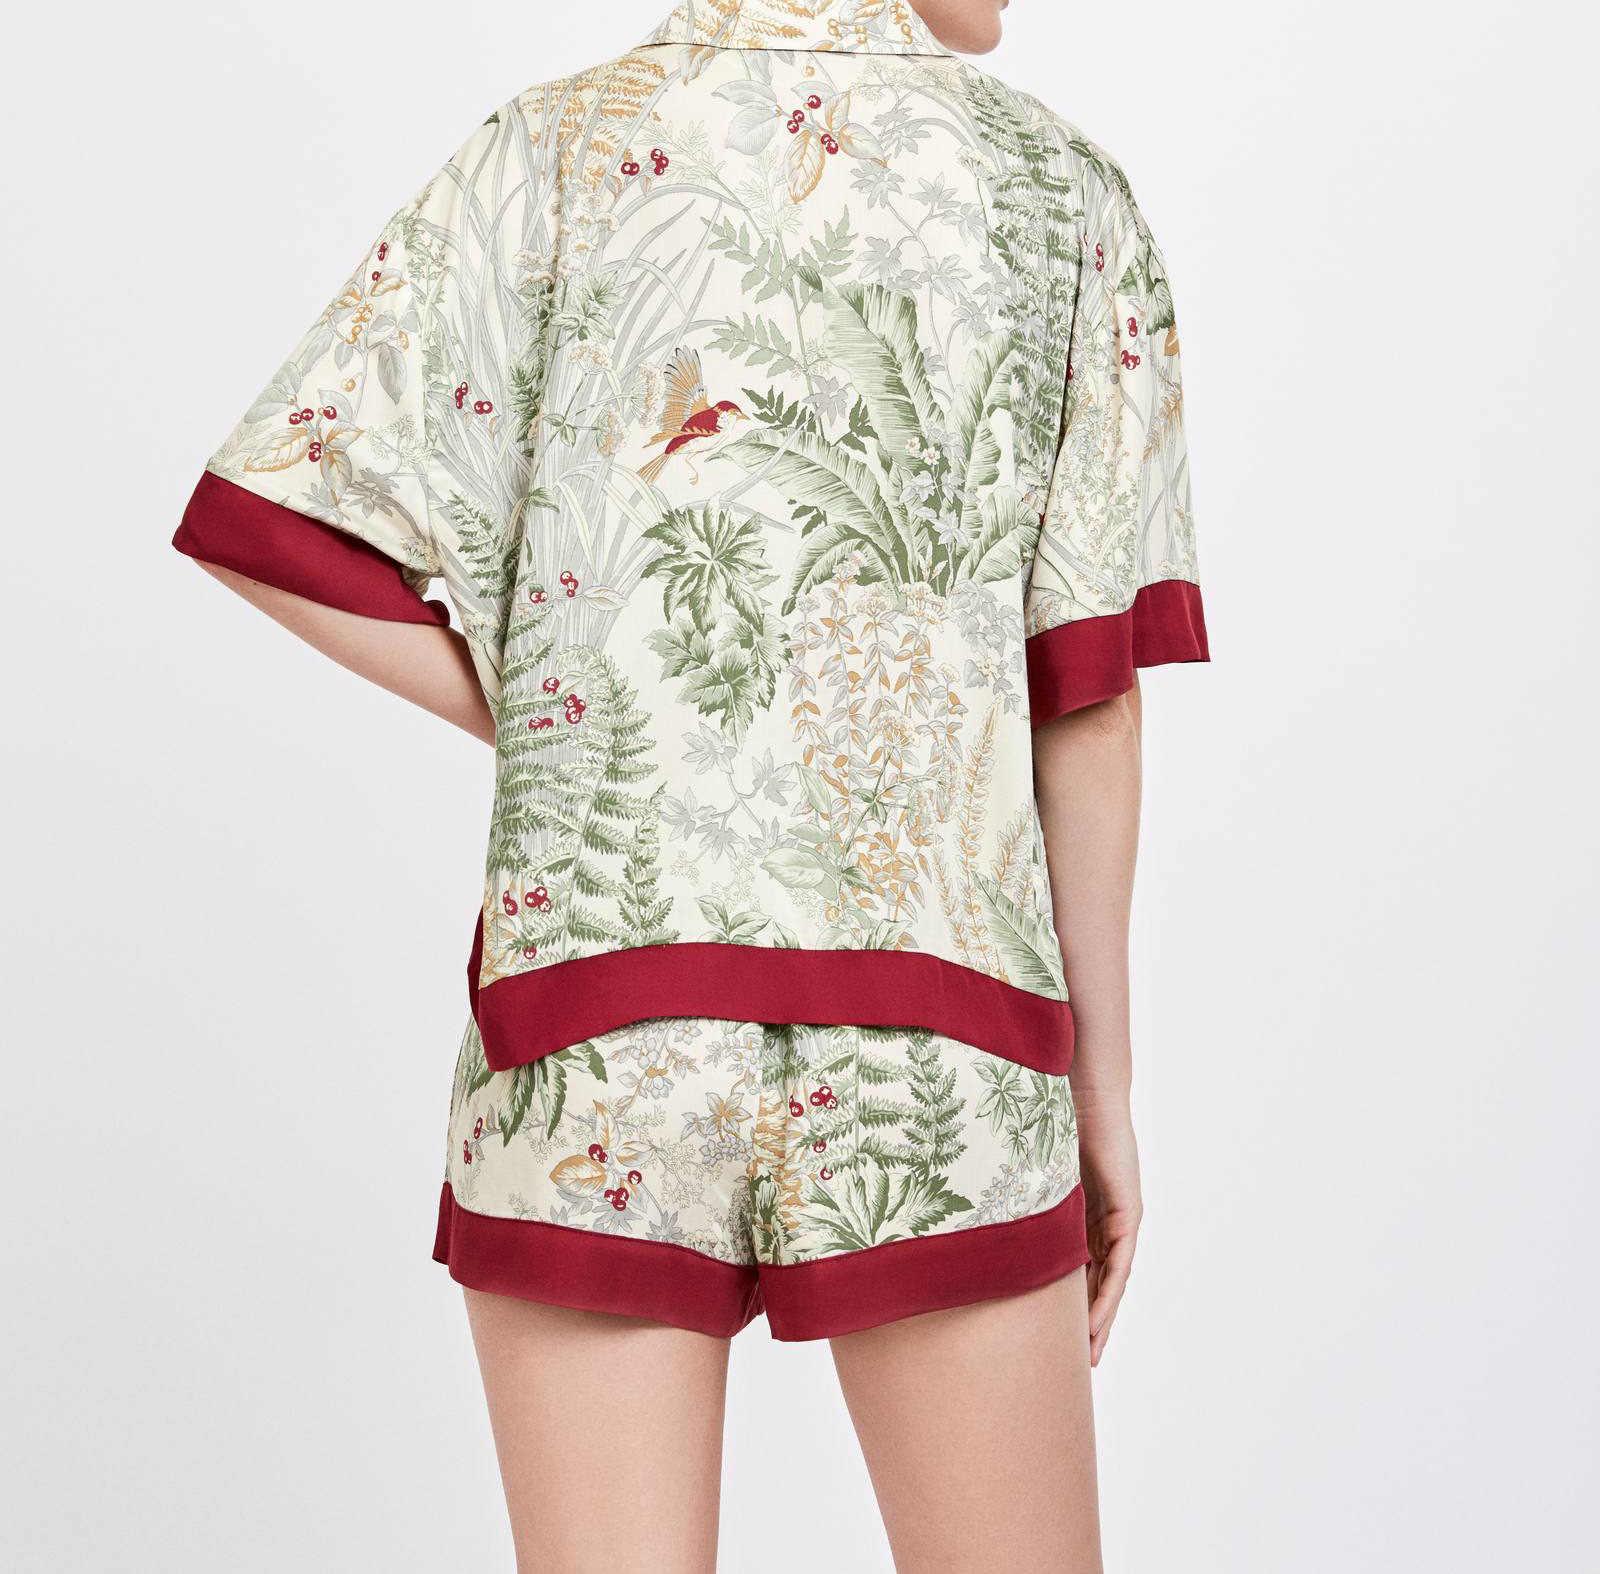 Été impression à manches courtes Shorts Pyjamas demi-col rabattu Satin vêtements de détente femmes Pijama Sexy Lingerie Pyjamas ensemble de maison